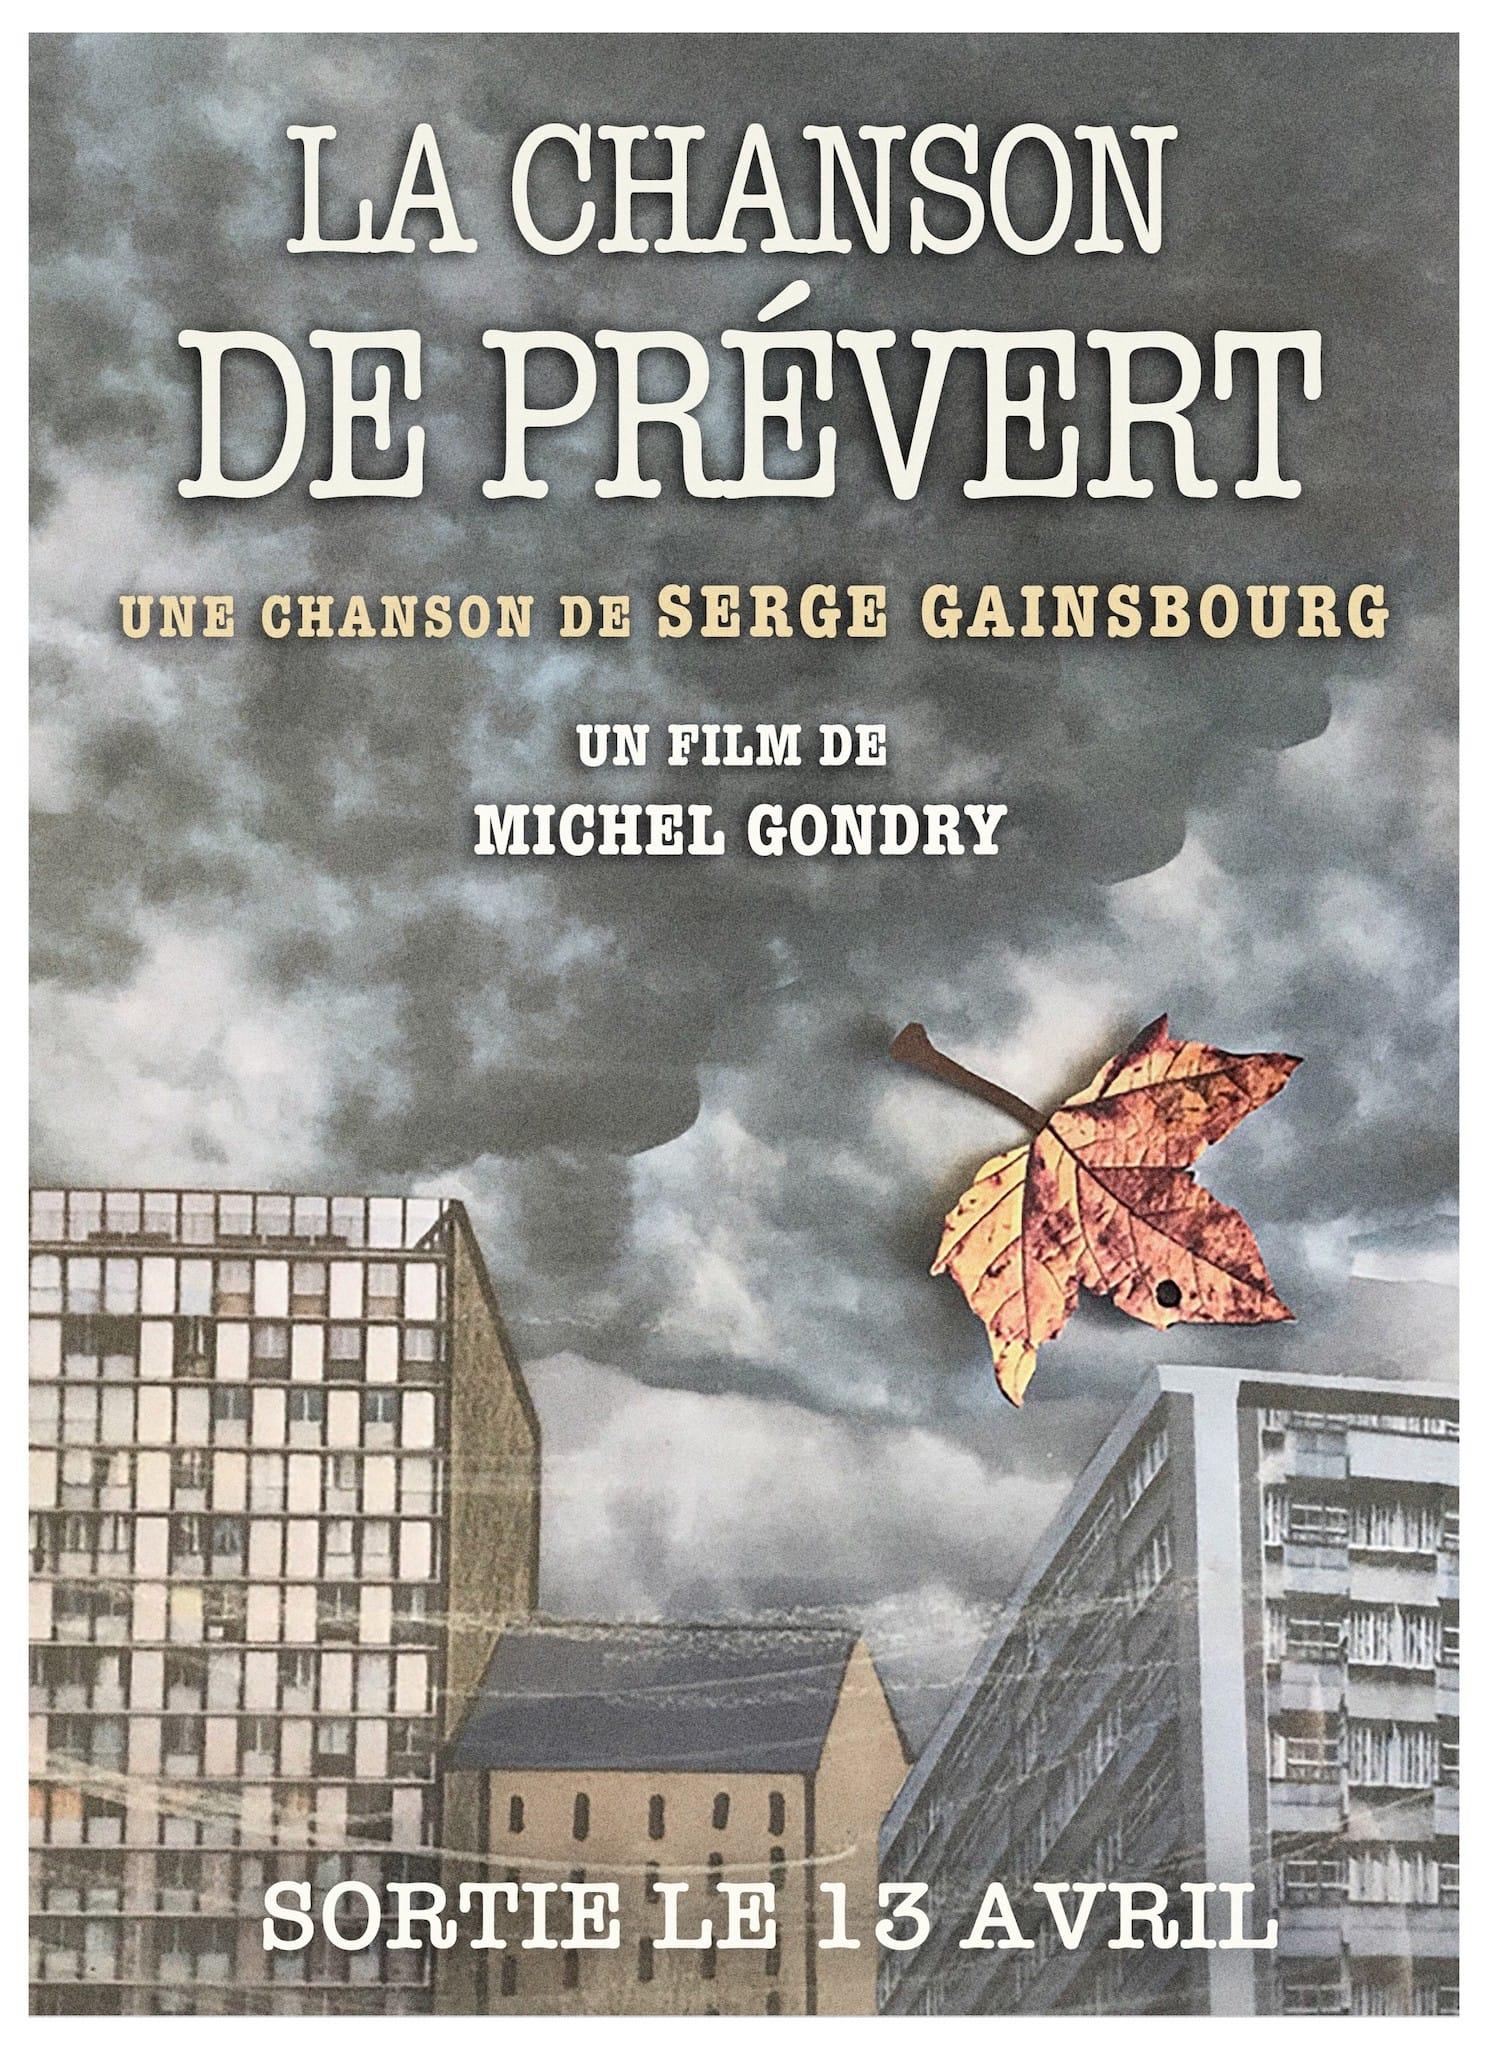 La Chanson de Prévert de Serge Gainsbourg par Michel Gondry affiche musique clip